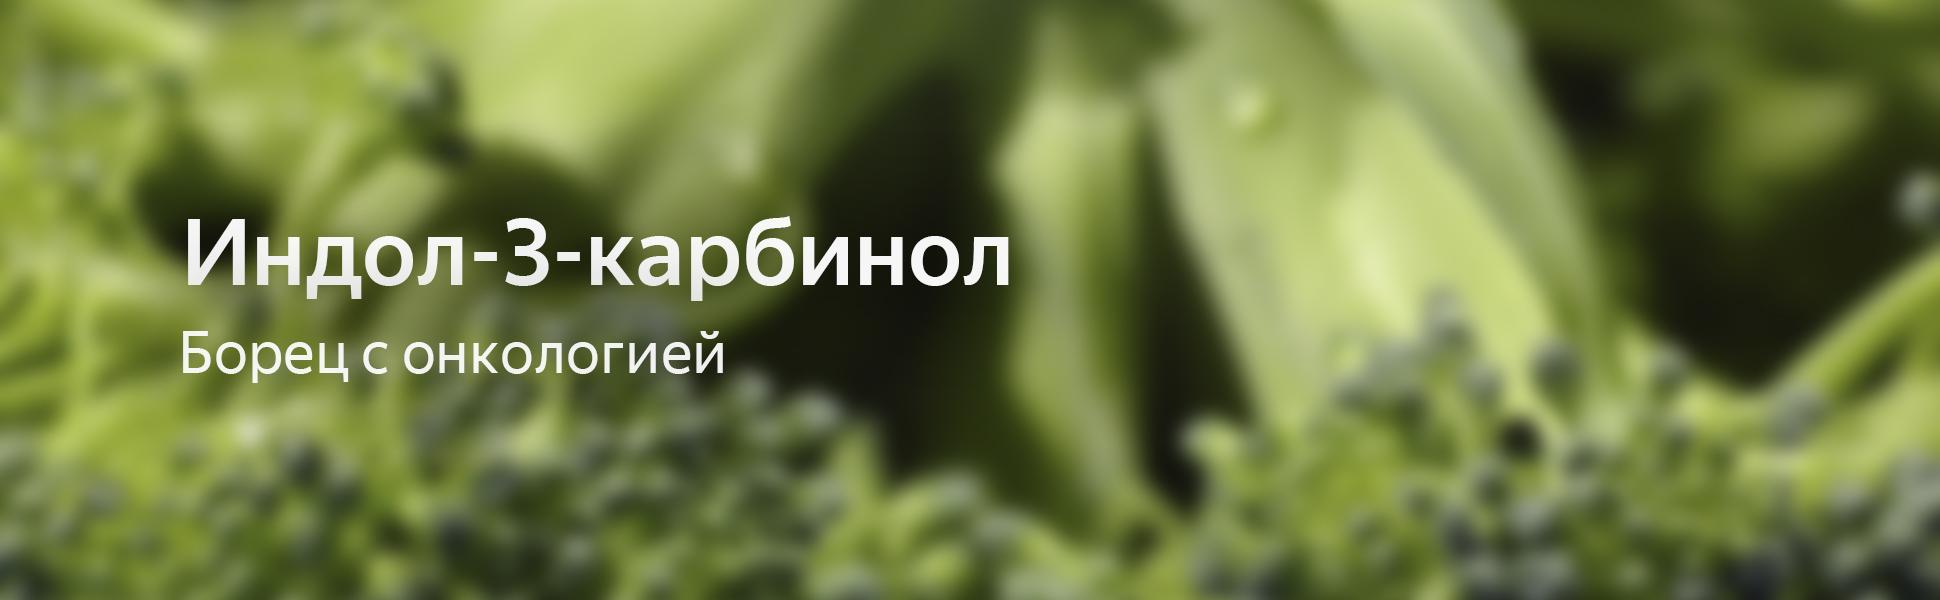 mladomaston_indol